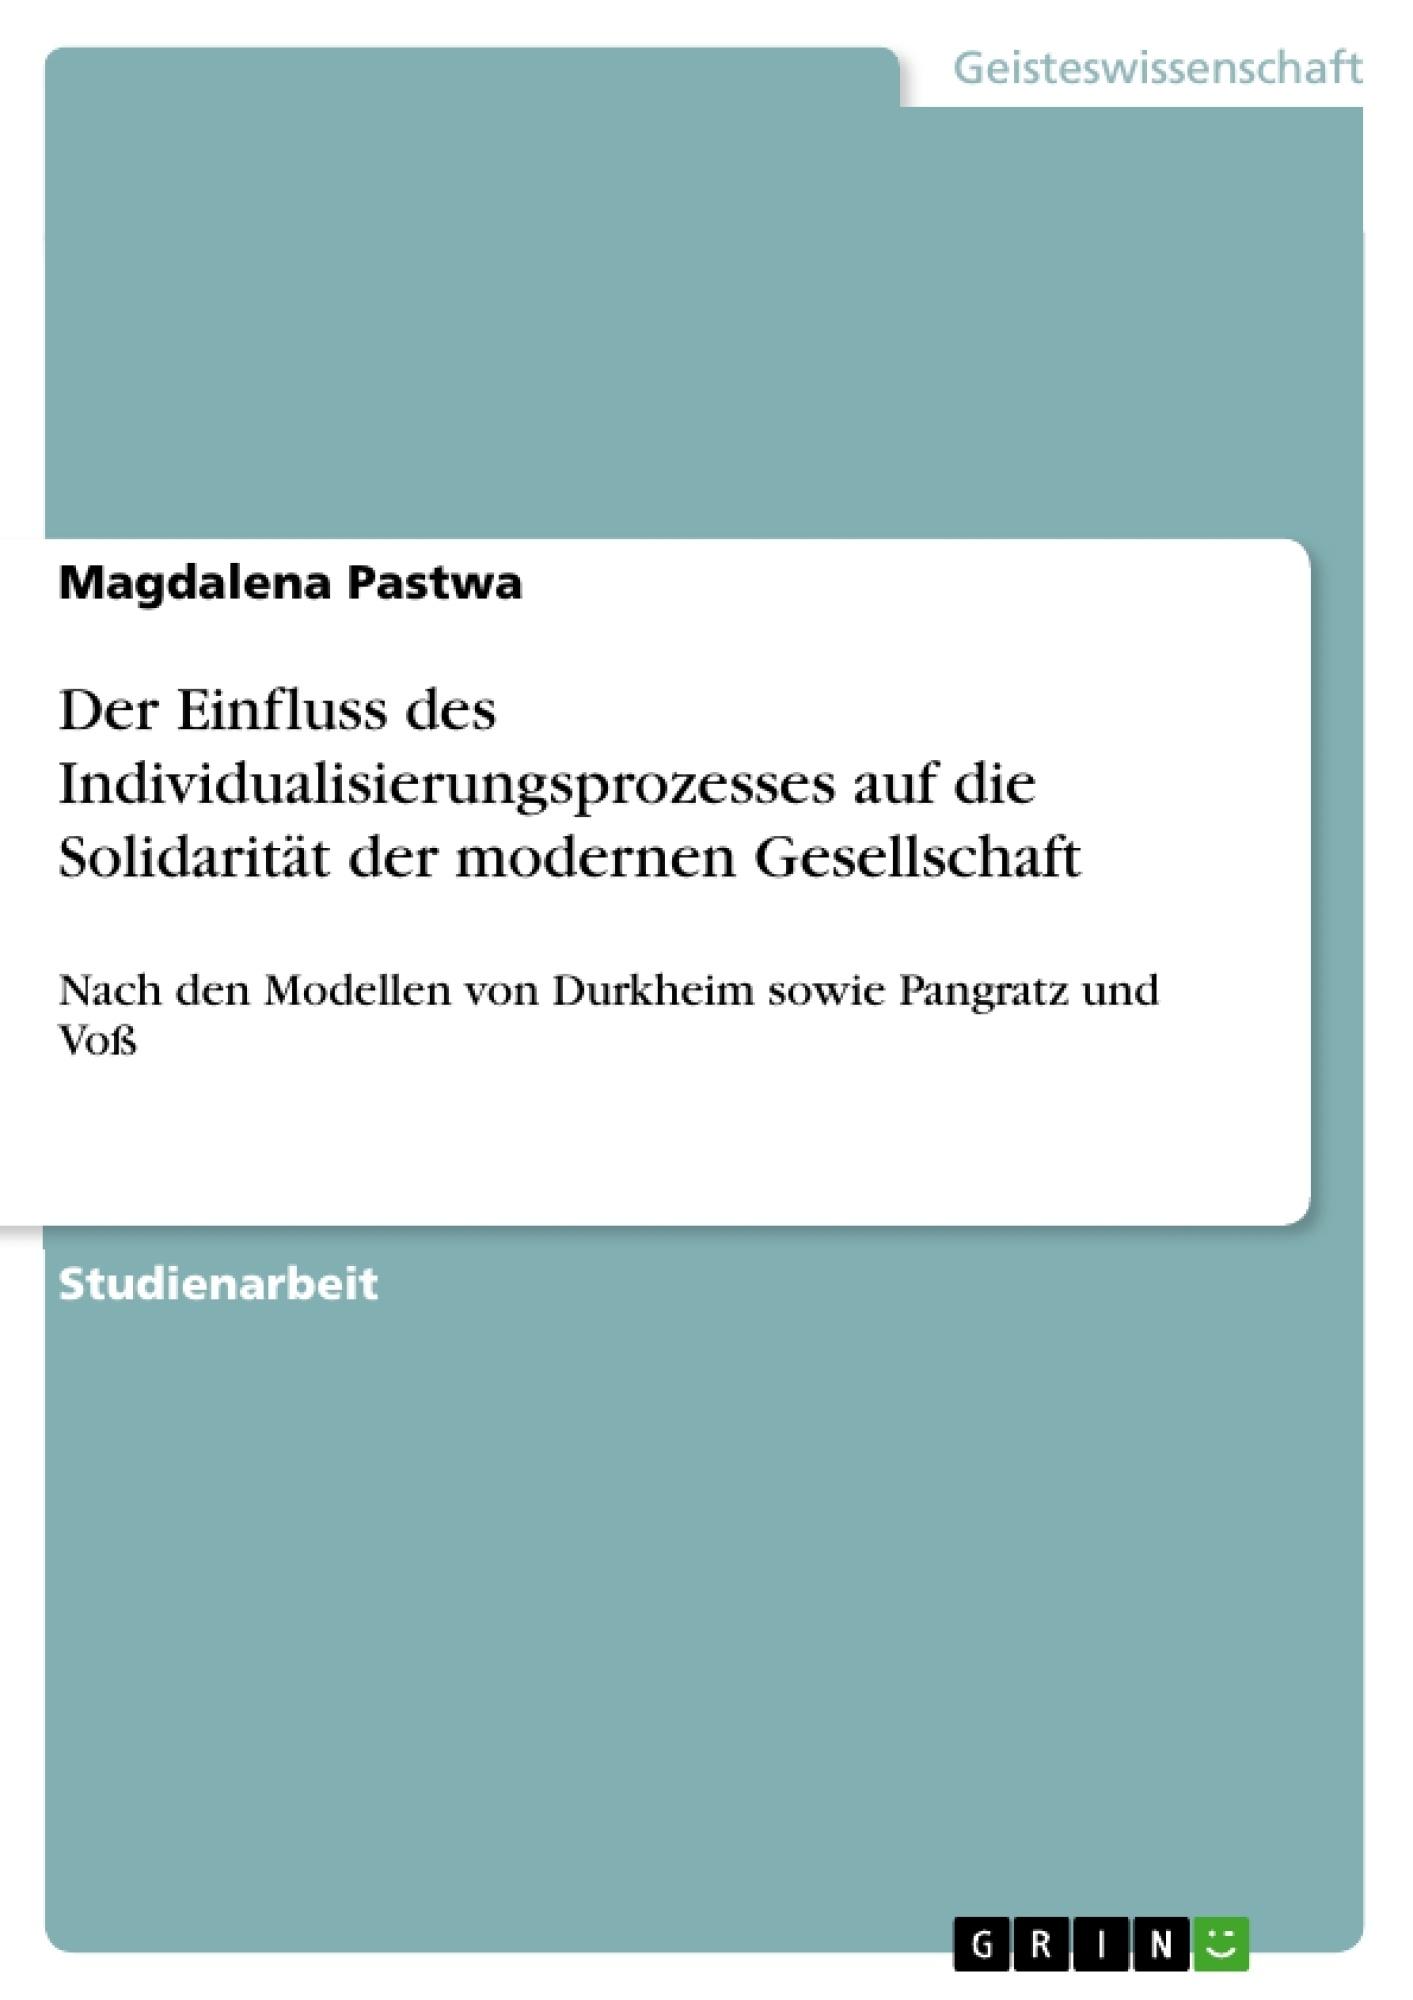 Titel: Der Einfluss des Individualisierungsprozesses auf die Solidarität der modernen Gesellschaft